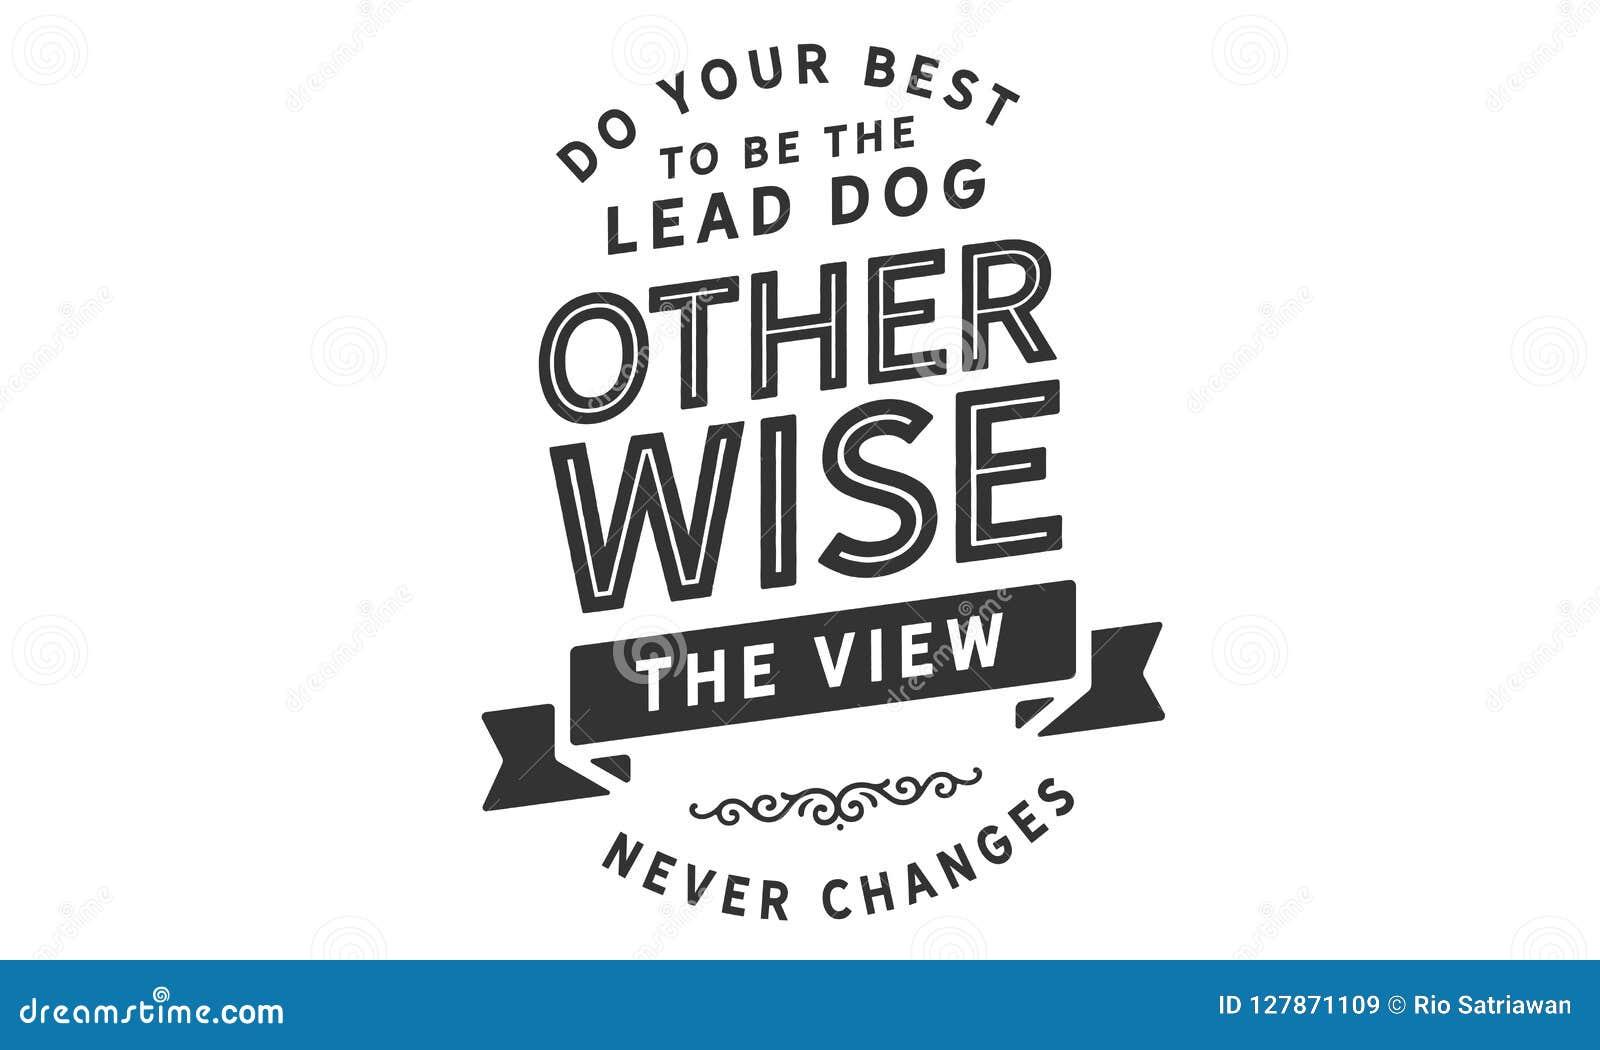 Faça seu melhor para ser o cão da ligação de outra maneira que a vista nunca muda